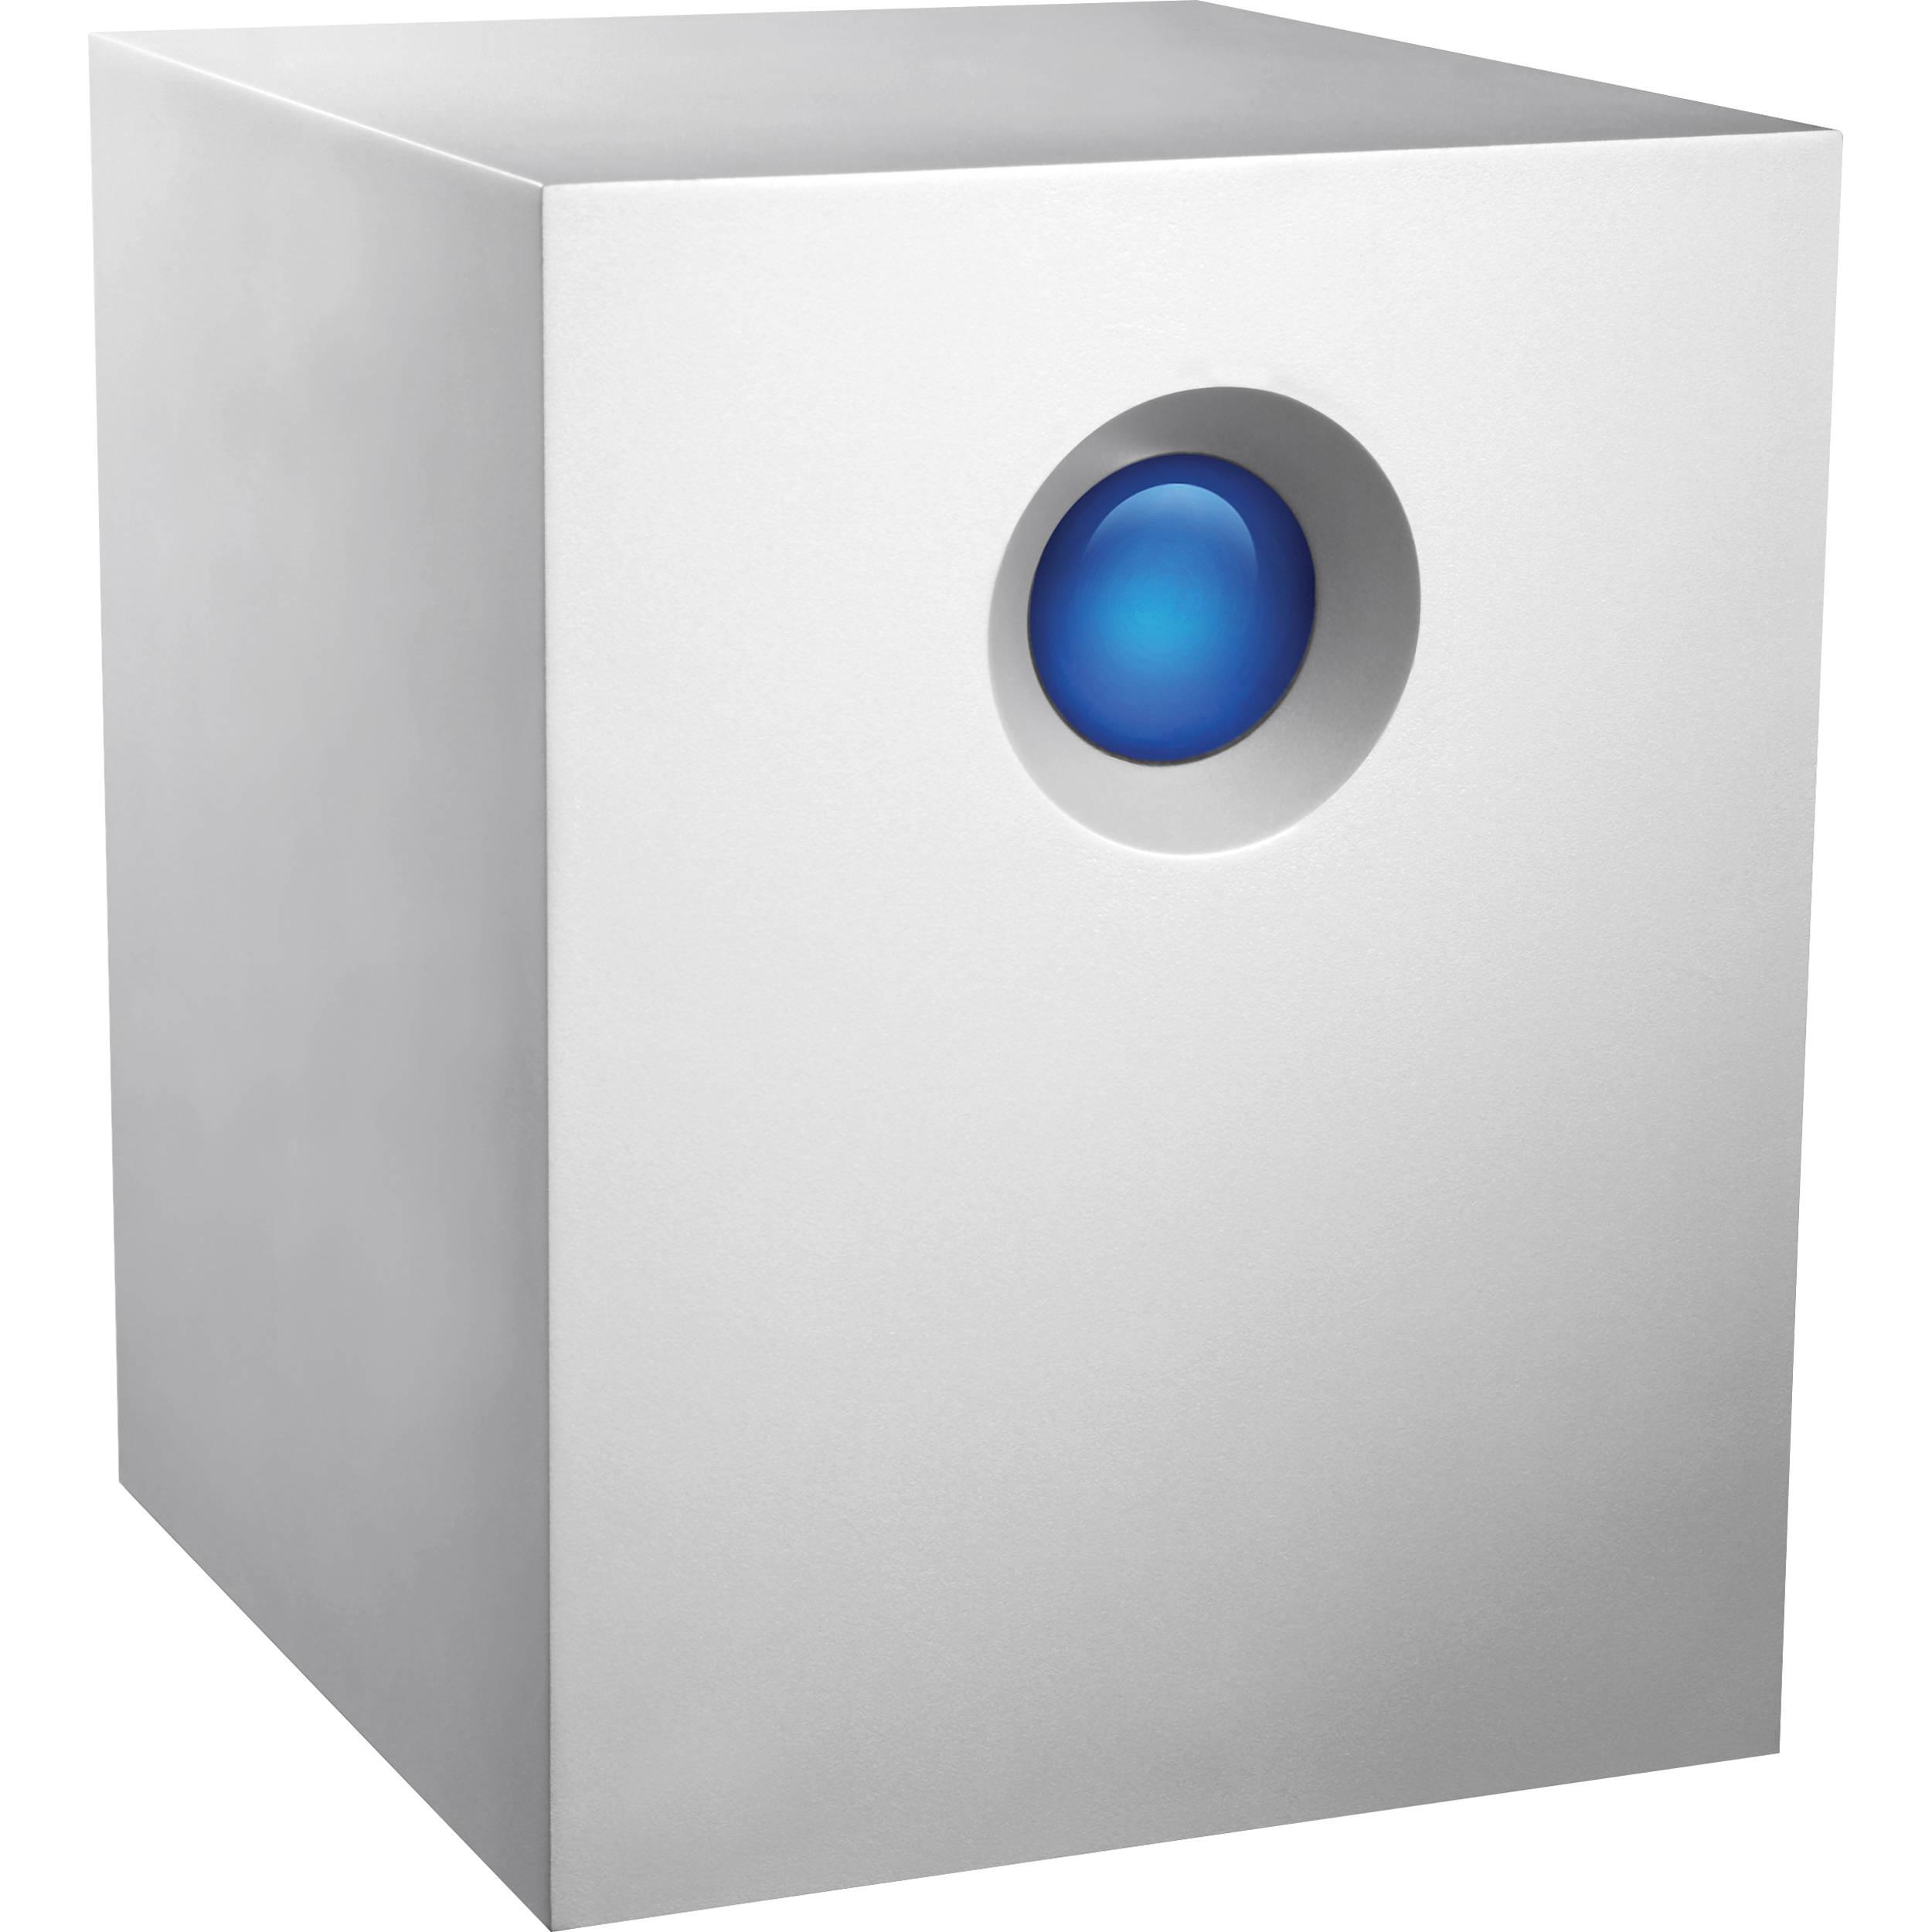 lacie 2big quadra usb 3.0 firmware update